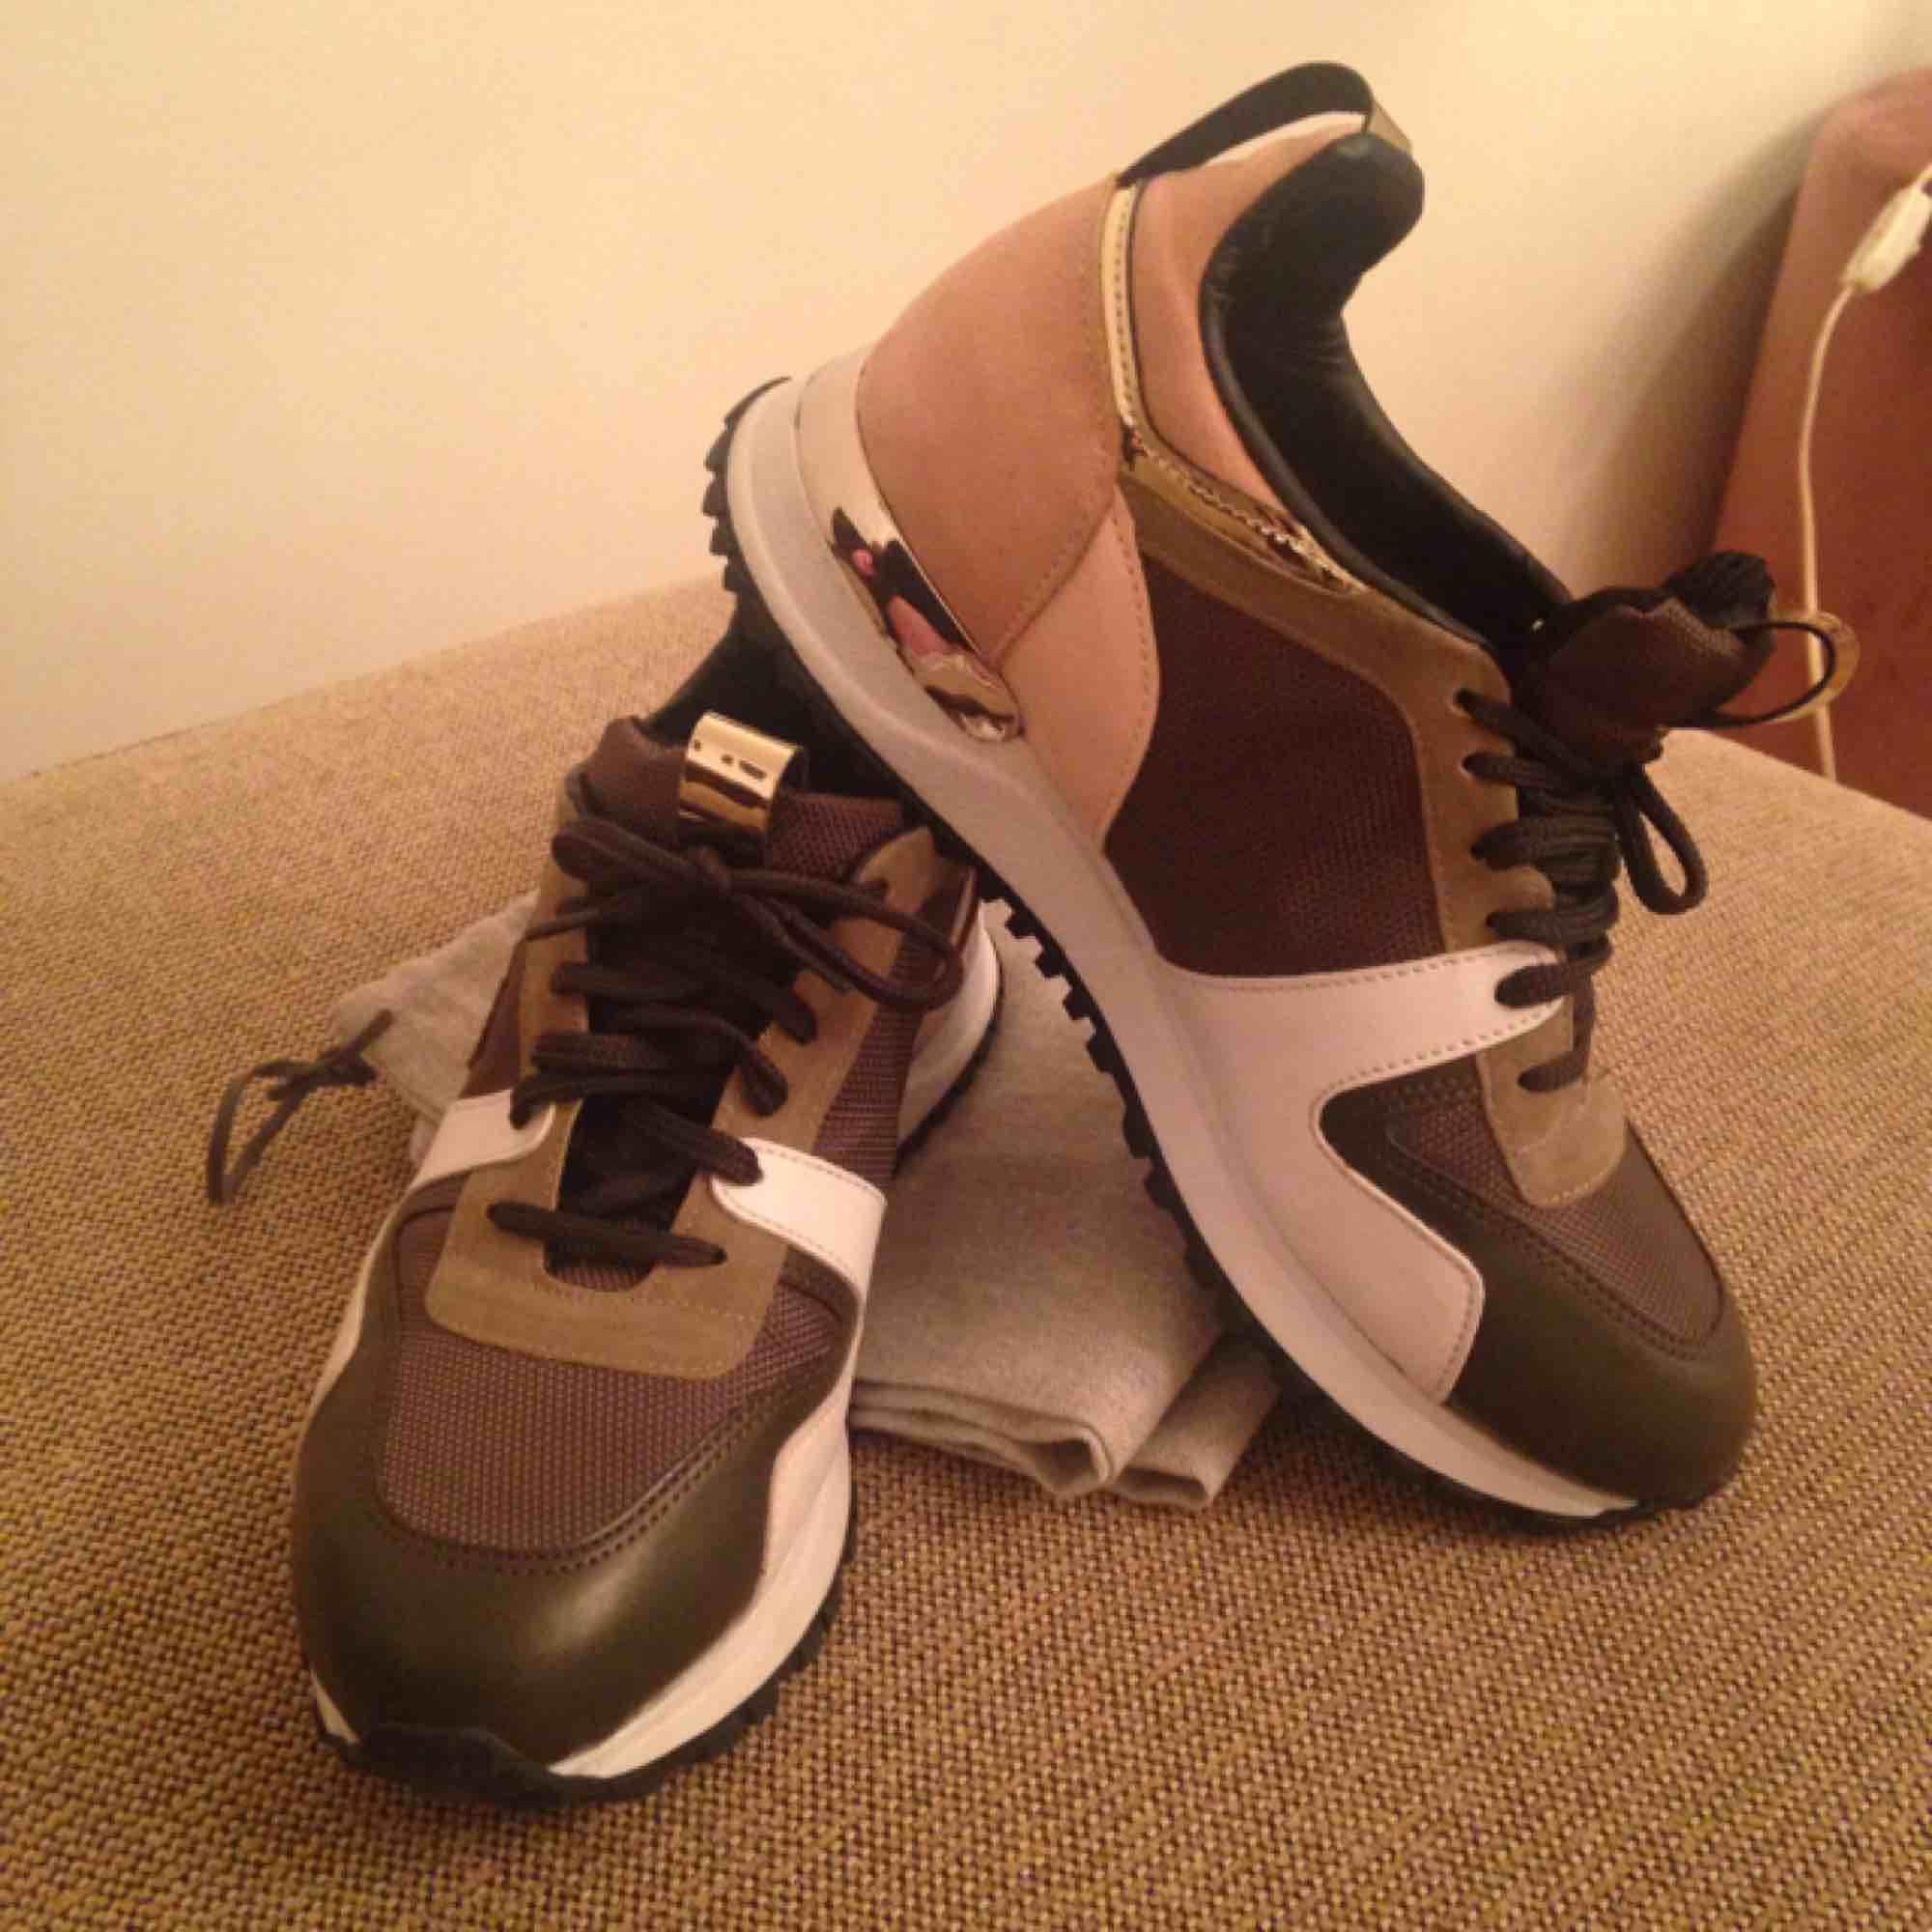 Sneakers från Louis Vuitton x SUPREME. Storlek 38. Färg: grön, rosa, silver och vit. Testade ute vid 1 tillfälle, kan tyvärr inte ha dom pga ryggproblem. Priset är inkl frakt. Utmärkt skick. Ej äkta, välgjorda. . Skor.